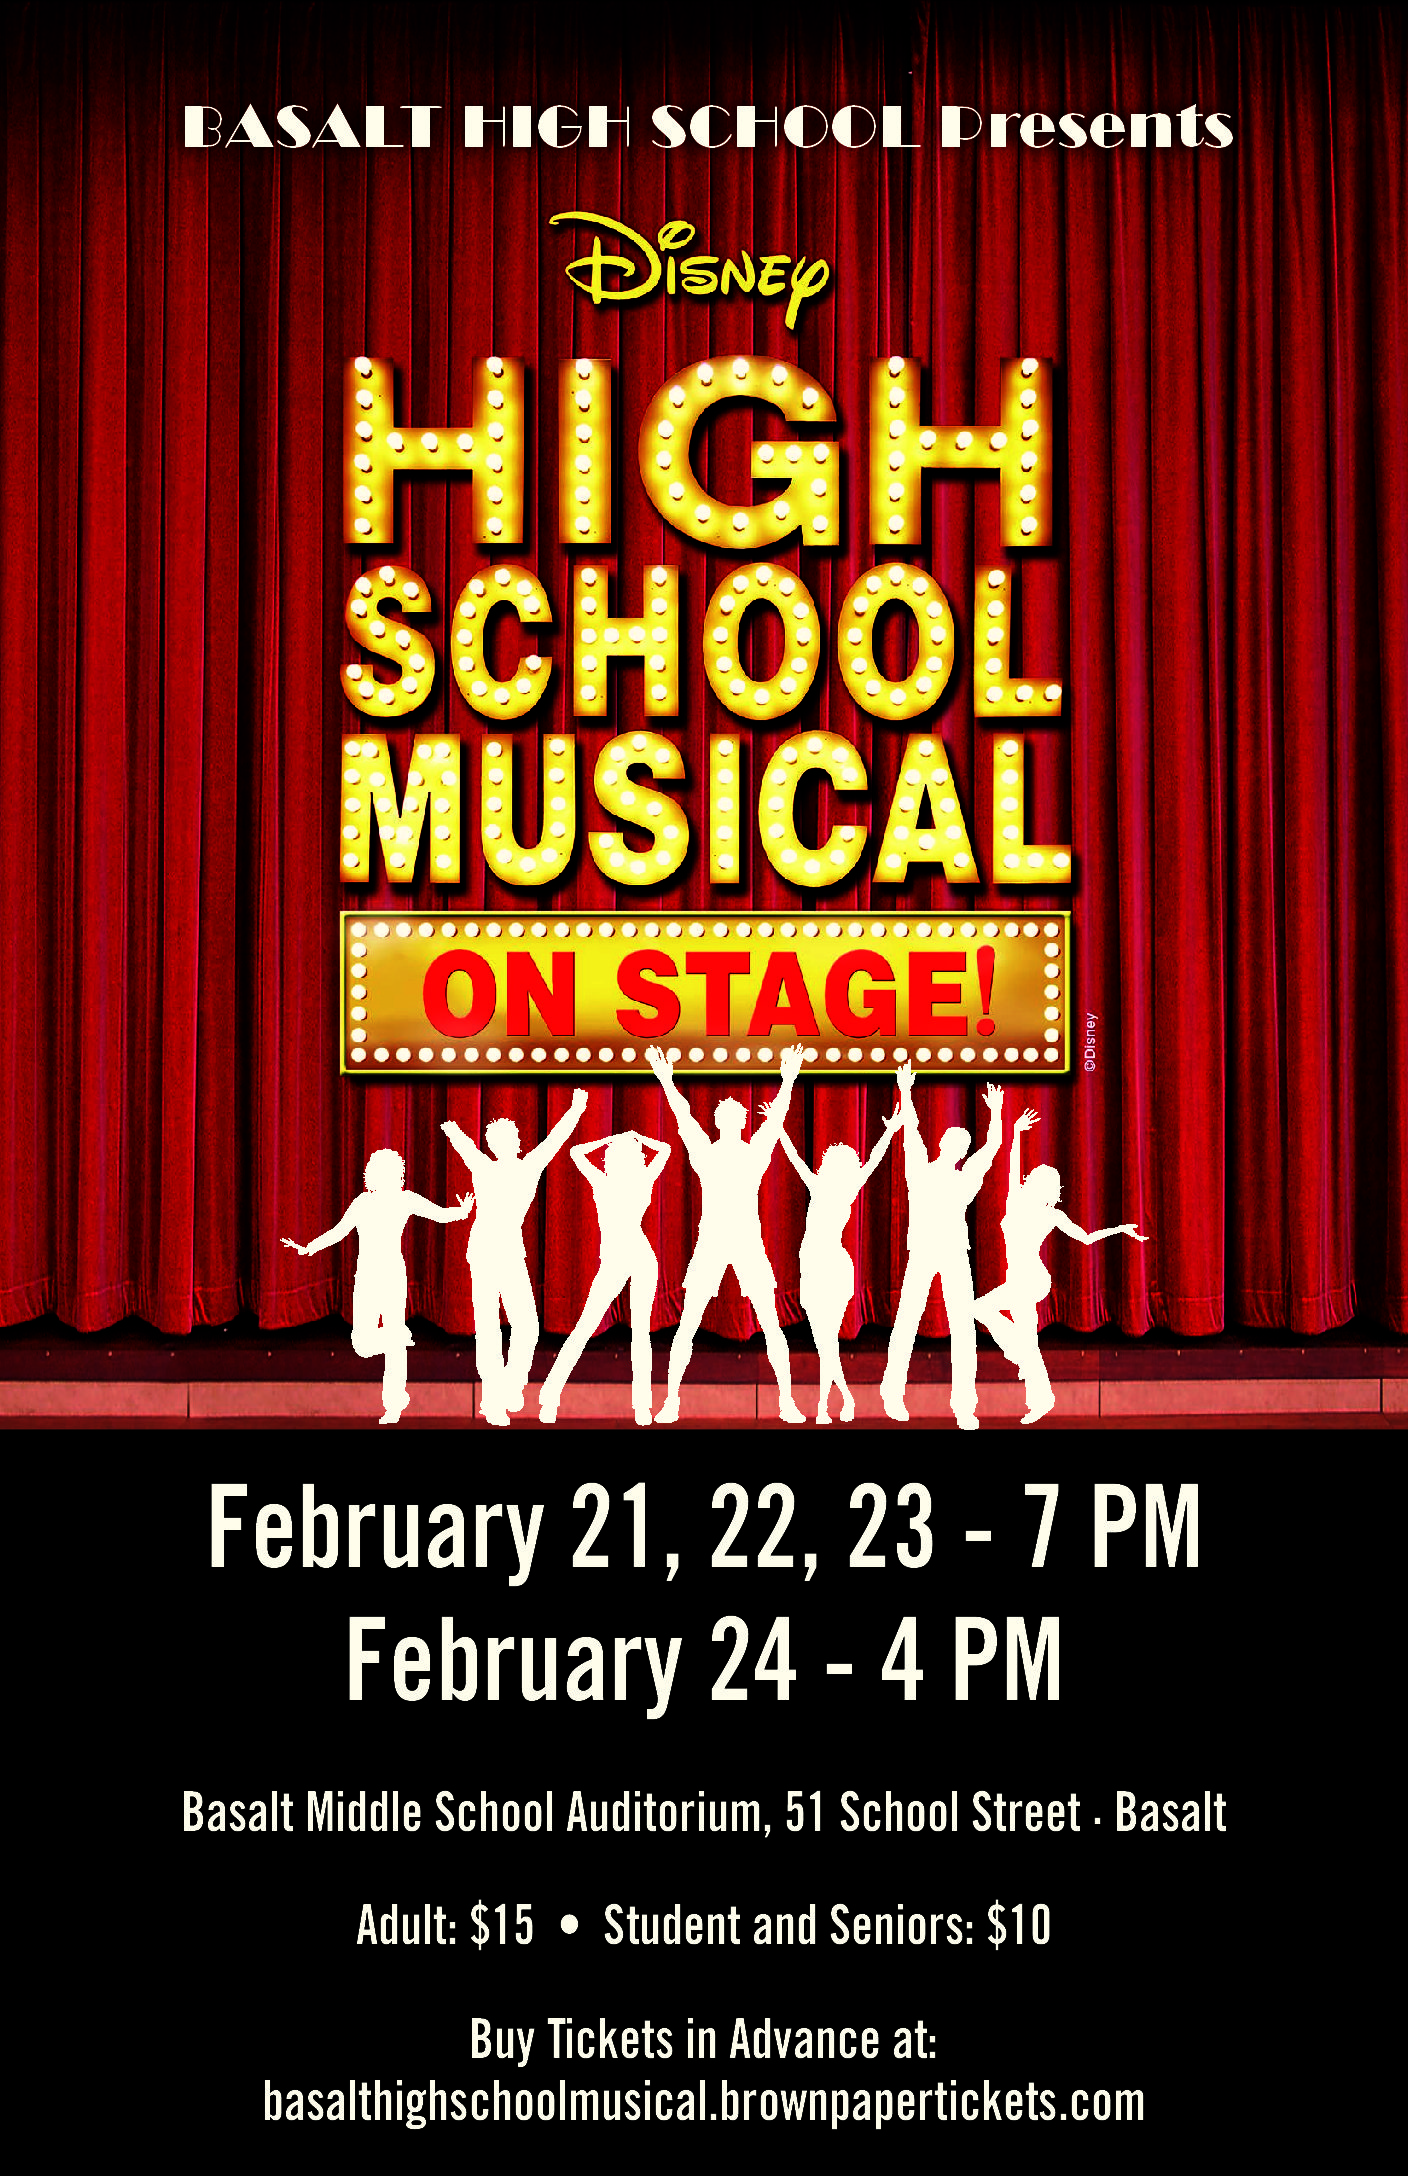 Basalt High School Musical Poster